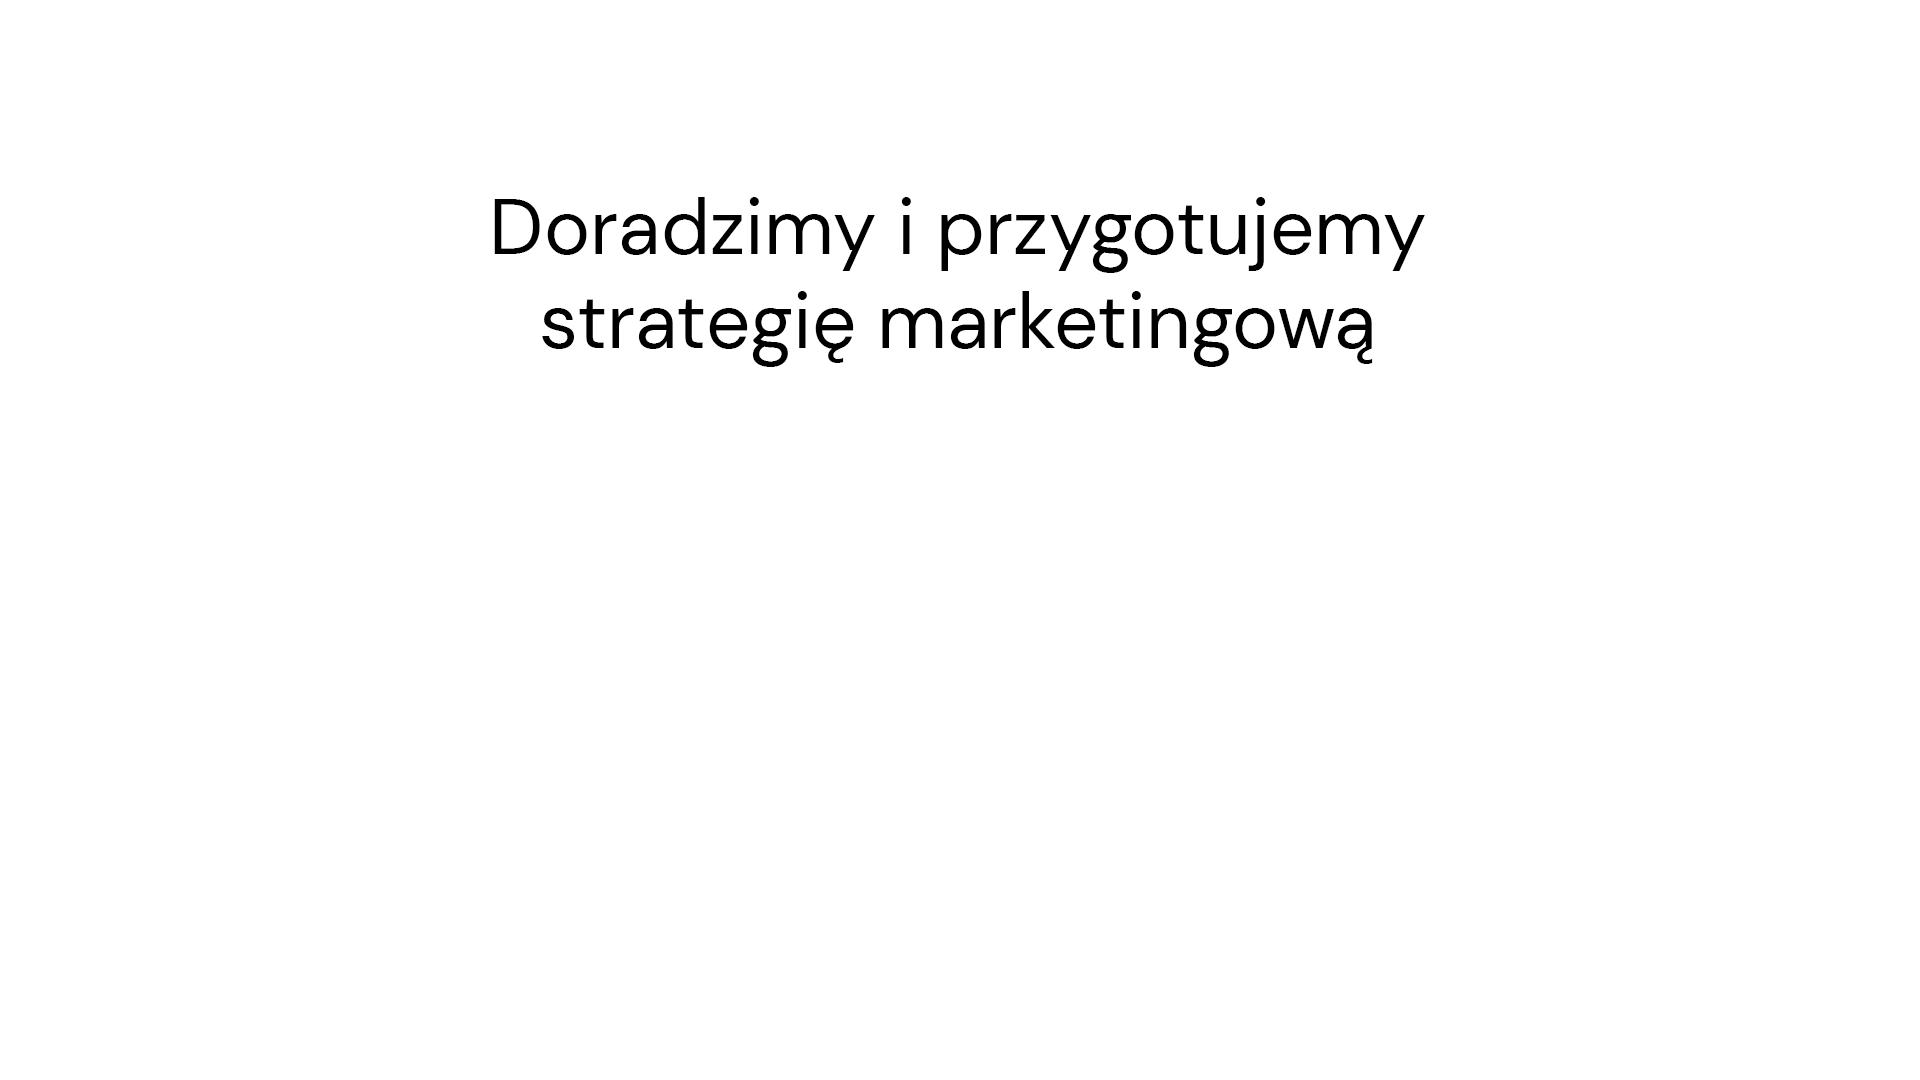 doradztwo-white